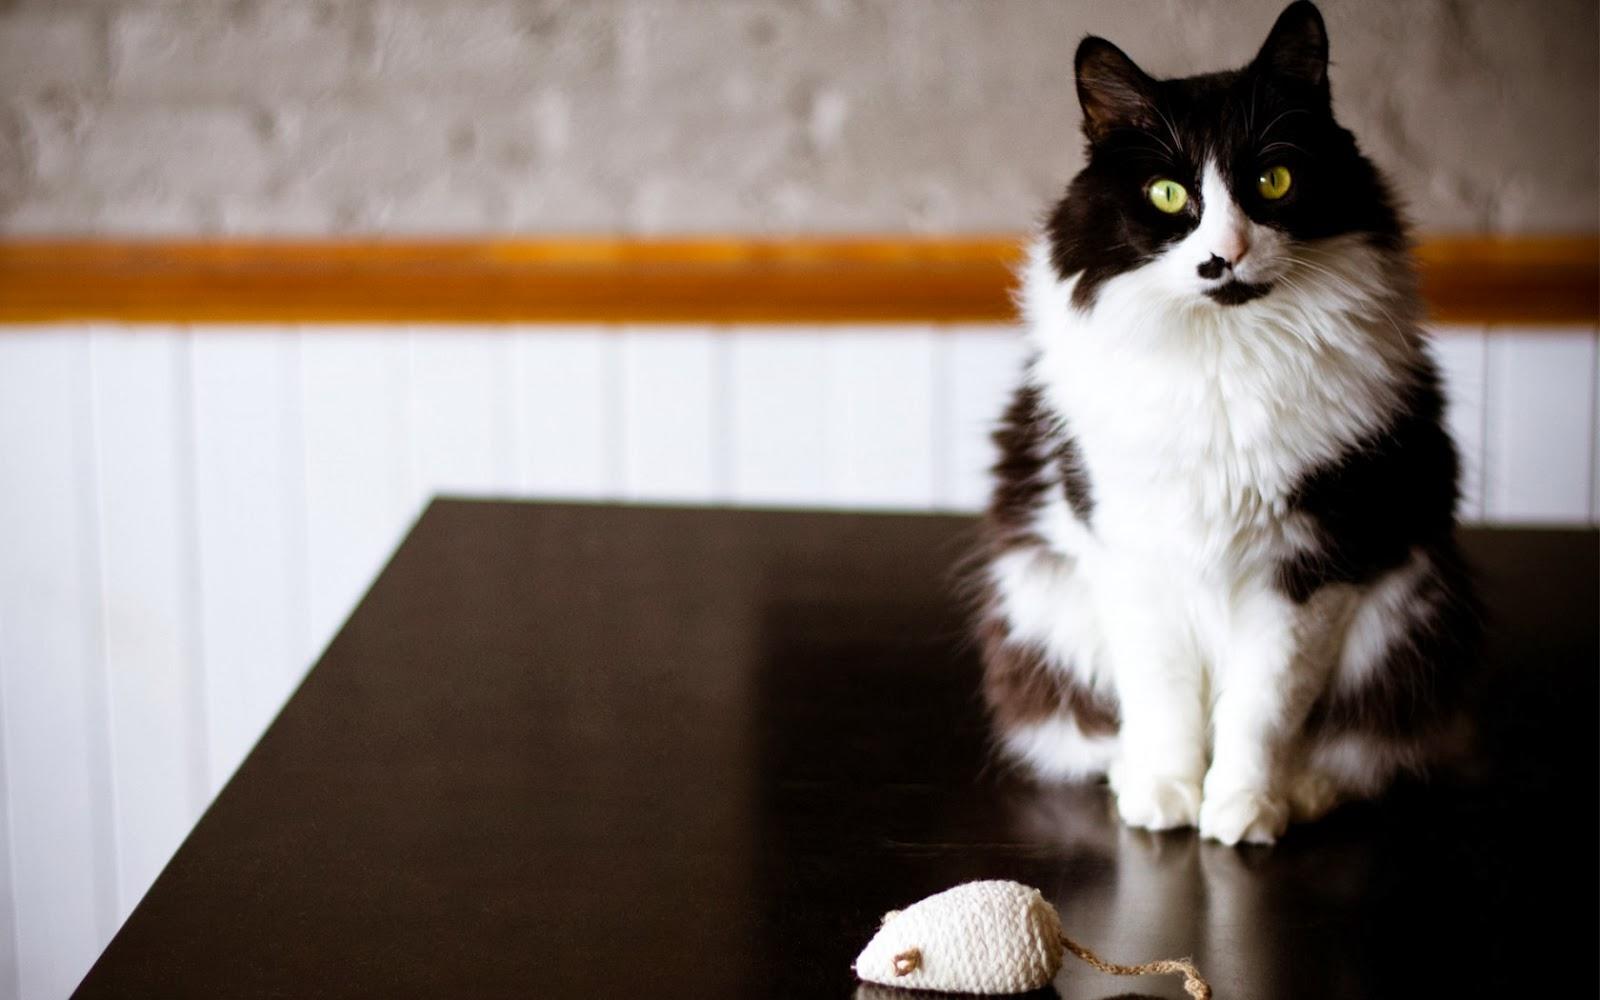 kucing-hitam-putih-tikus-mainan-wallpaper-1680x1050